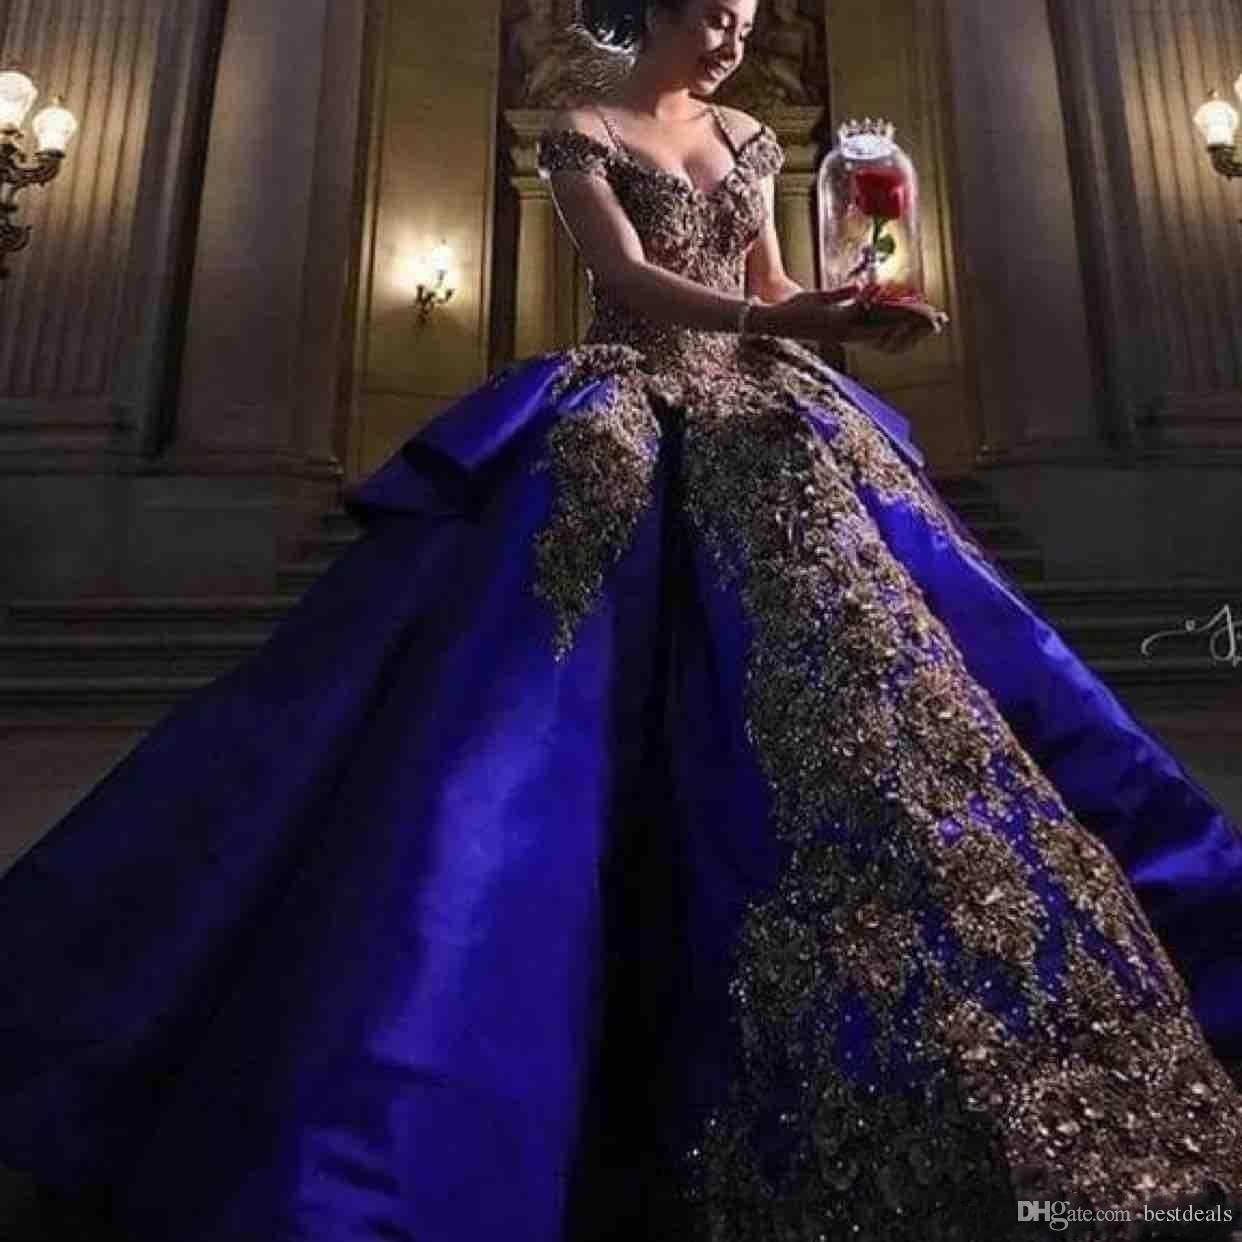 2019 lujo detalle bordado de oro azul real vestidos de quinceañera vestido de bola dulce 16 vestido fuera de la mascarada del hombro vestido de fiesta